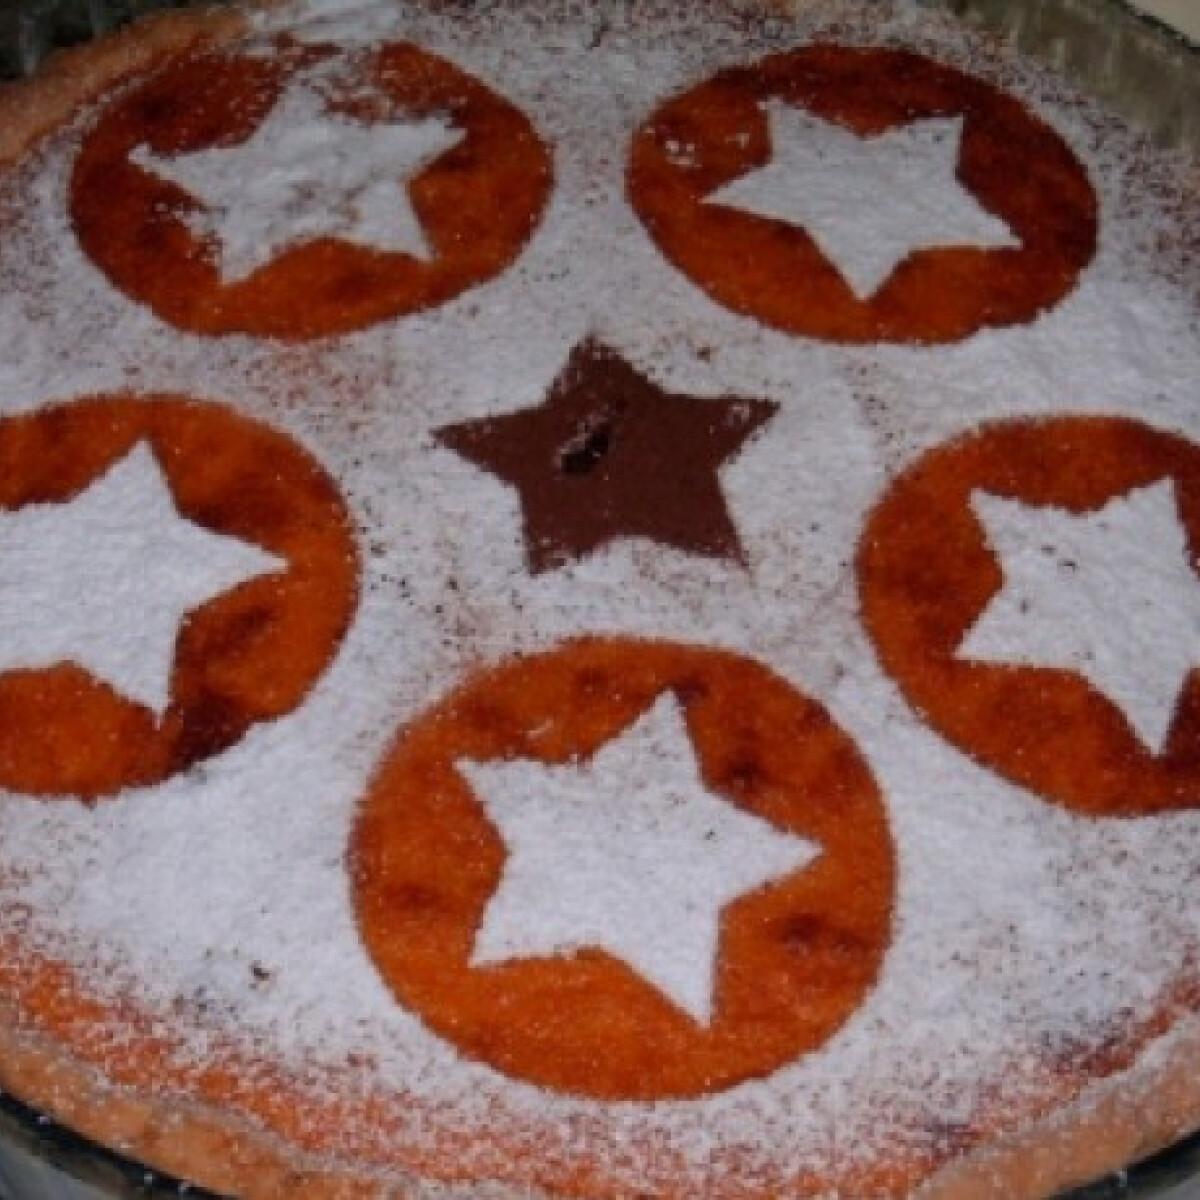 Ezen a képen: Sütőtöktorta ahogy Mézeske készíti